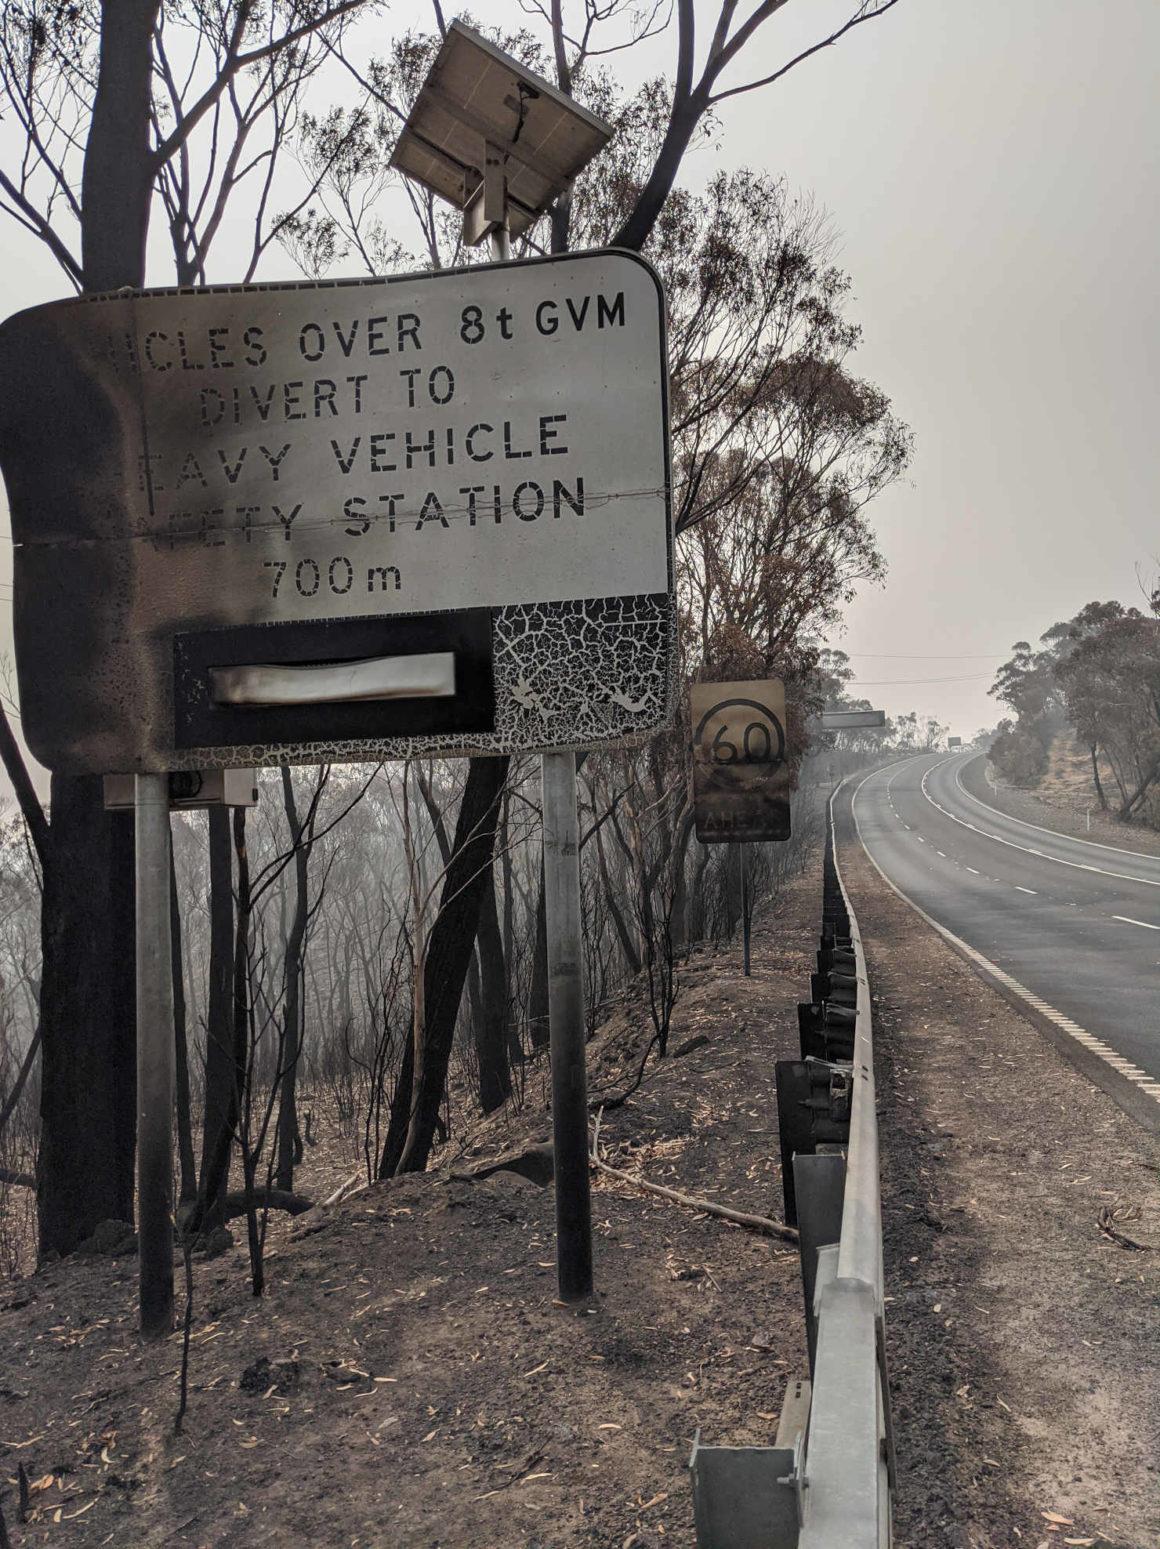 Das Bild zeigt eine Insfrastruktur in Australien die durch ein Großfeuer zerstört wurde. Strassenschilder sind verrusst, verbogen und unlesbar.